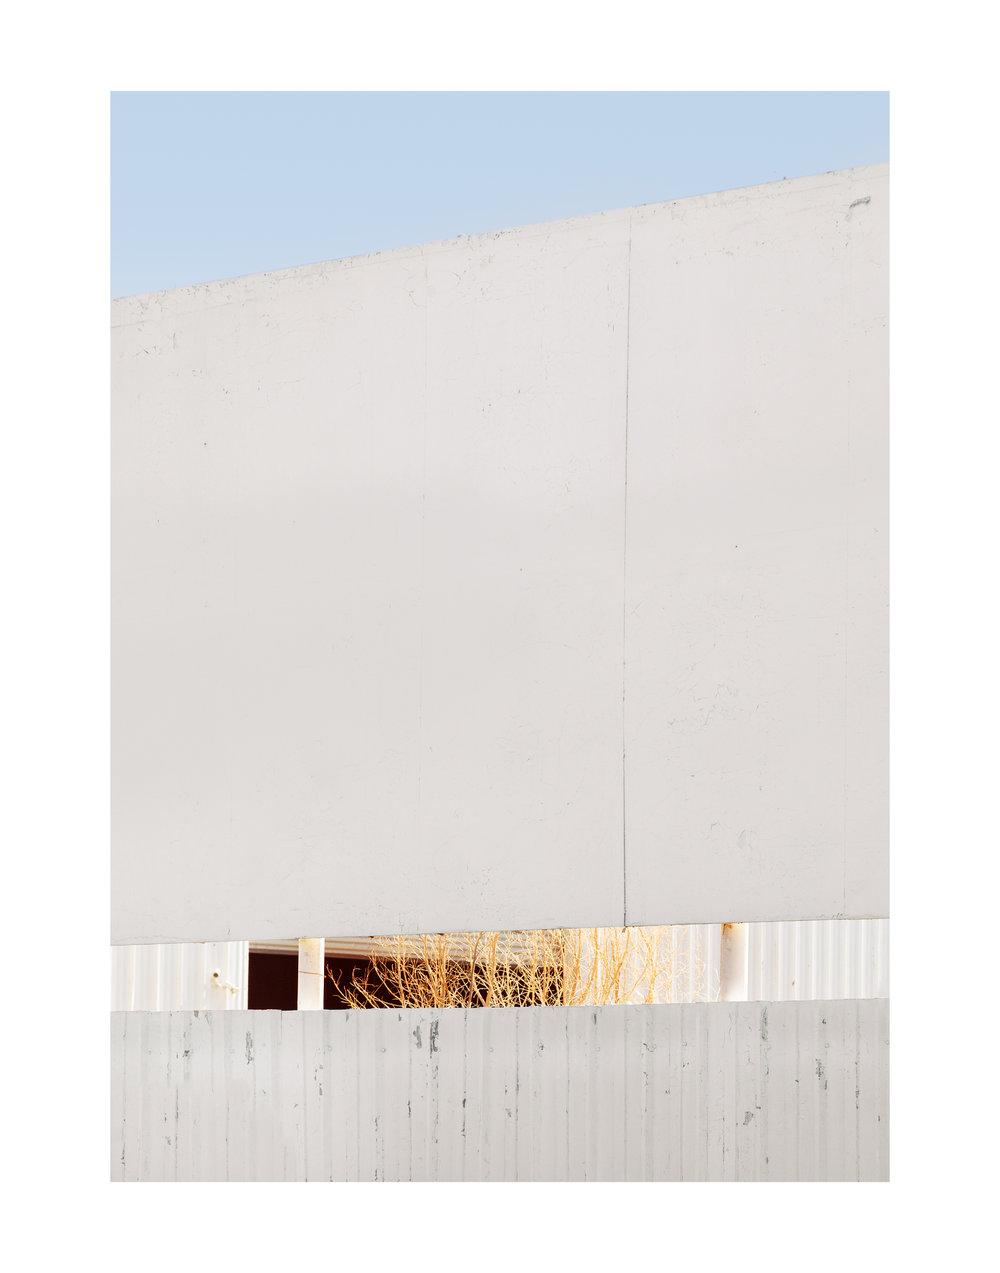 White Space #3; La Habra, CA 2016